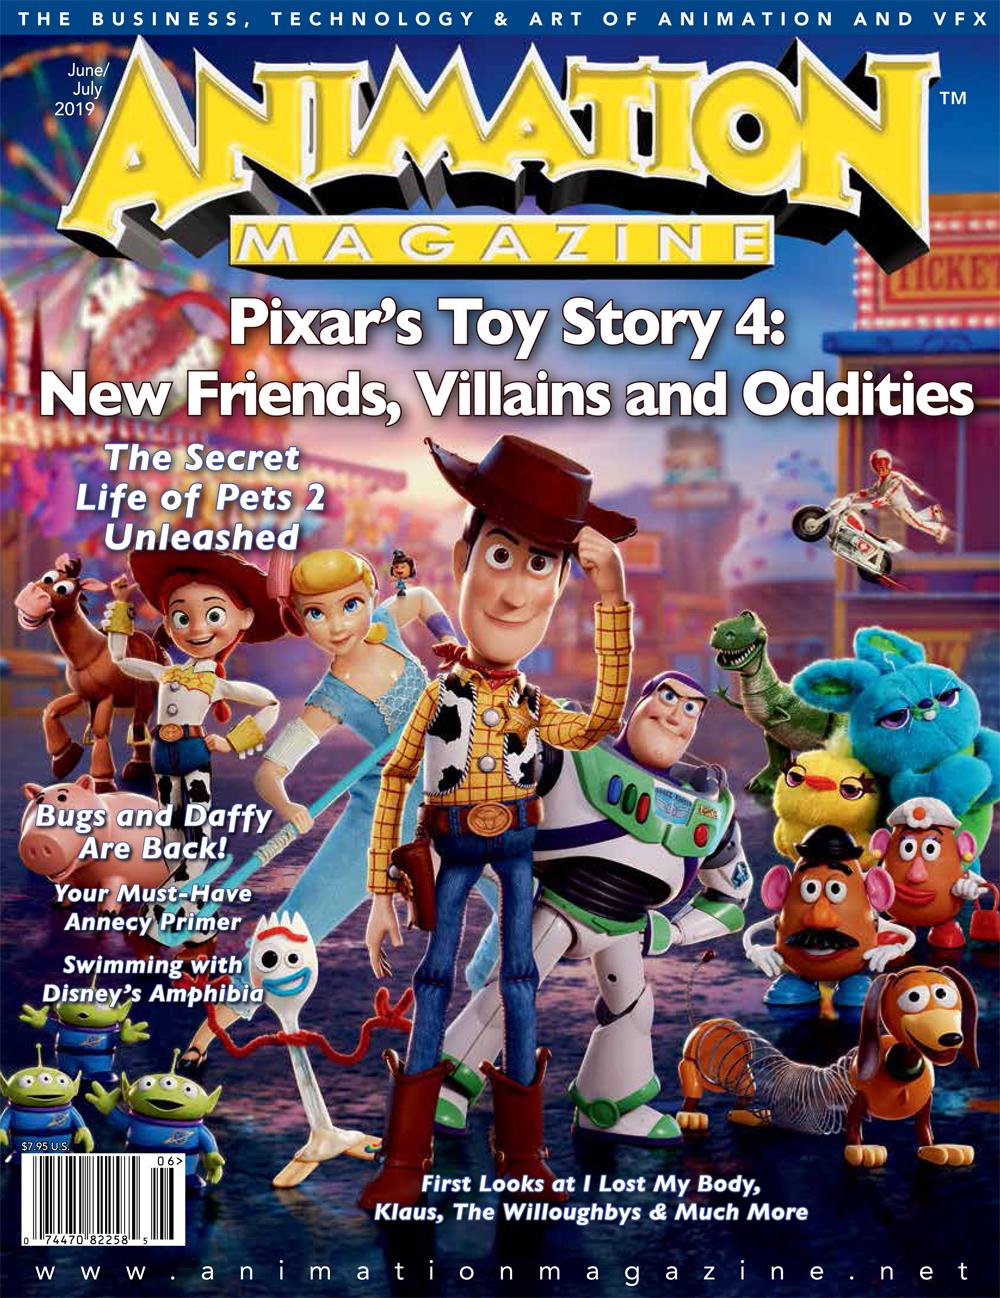 Animation Magazine (Digital) 1 Jahr kostenlos